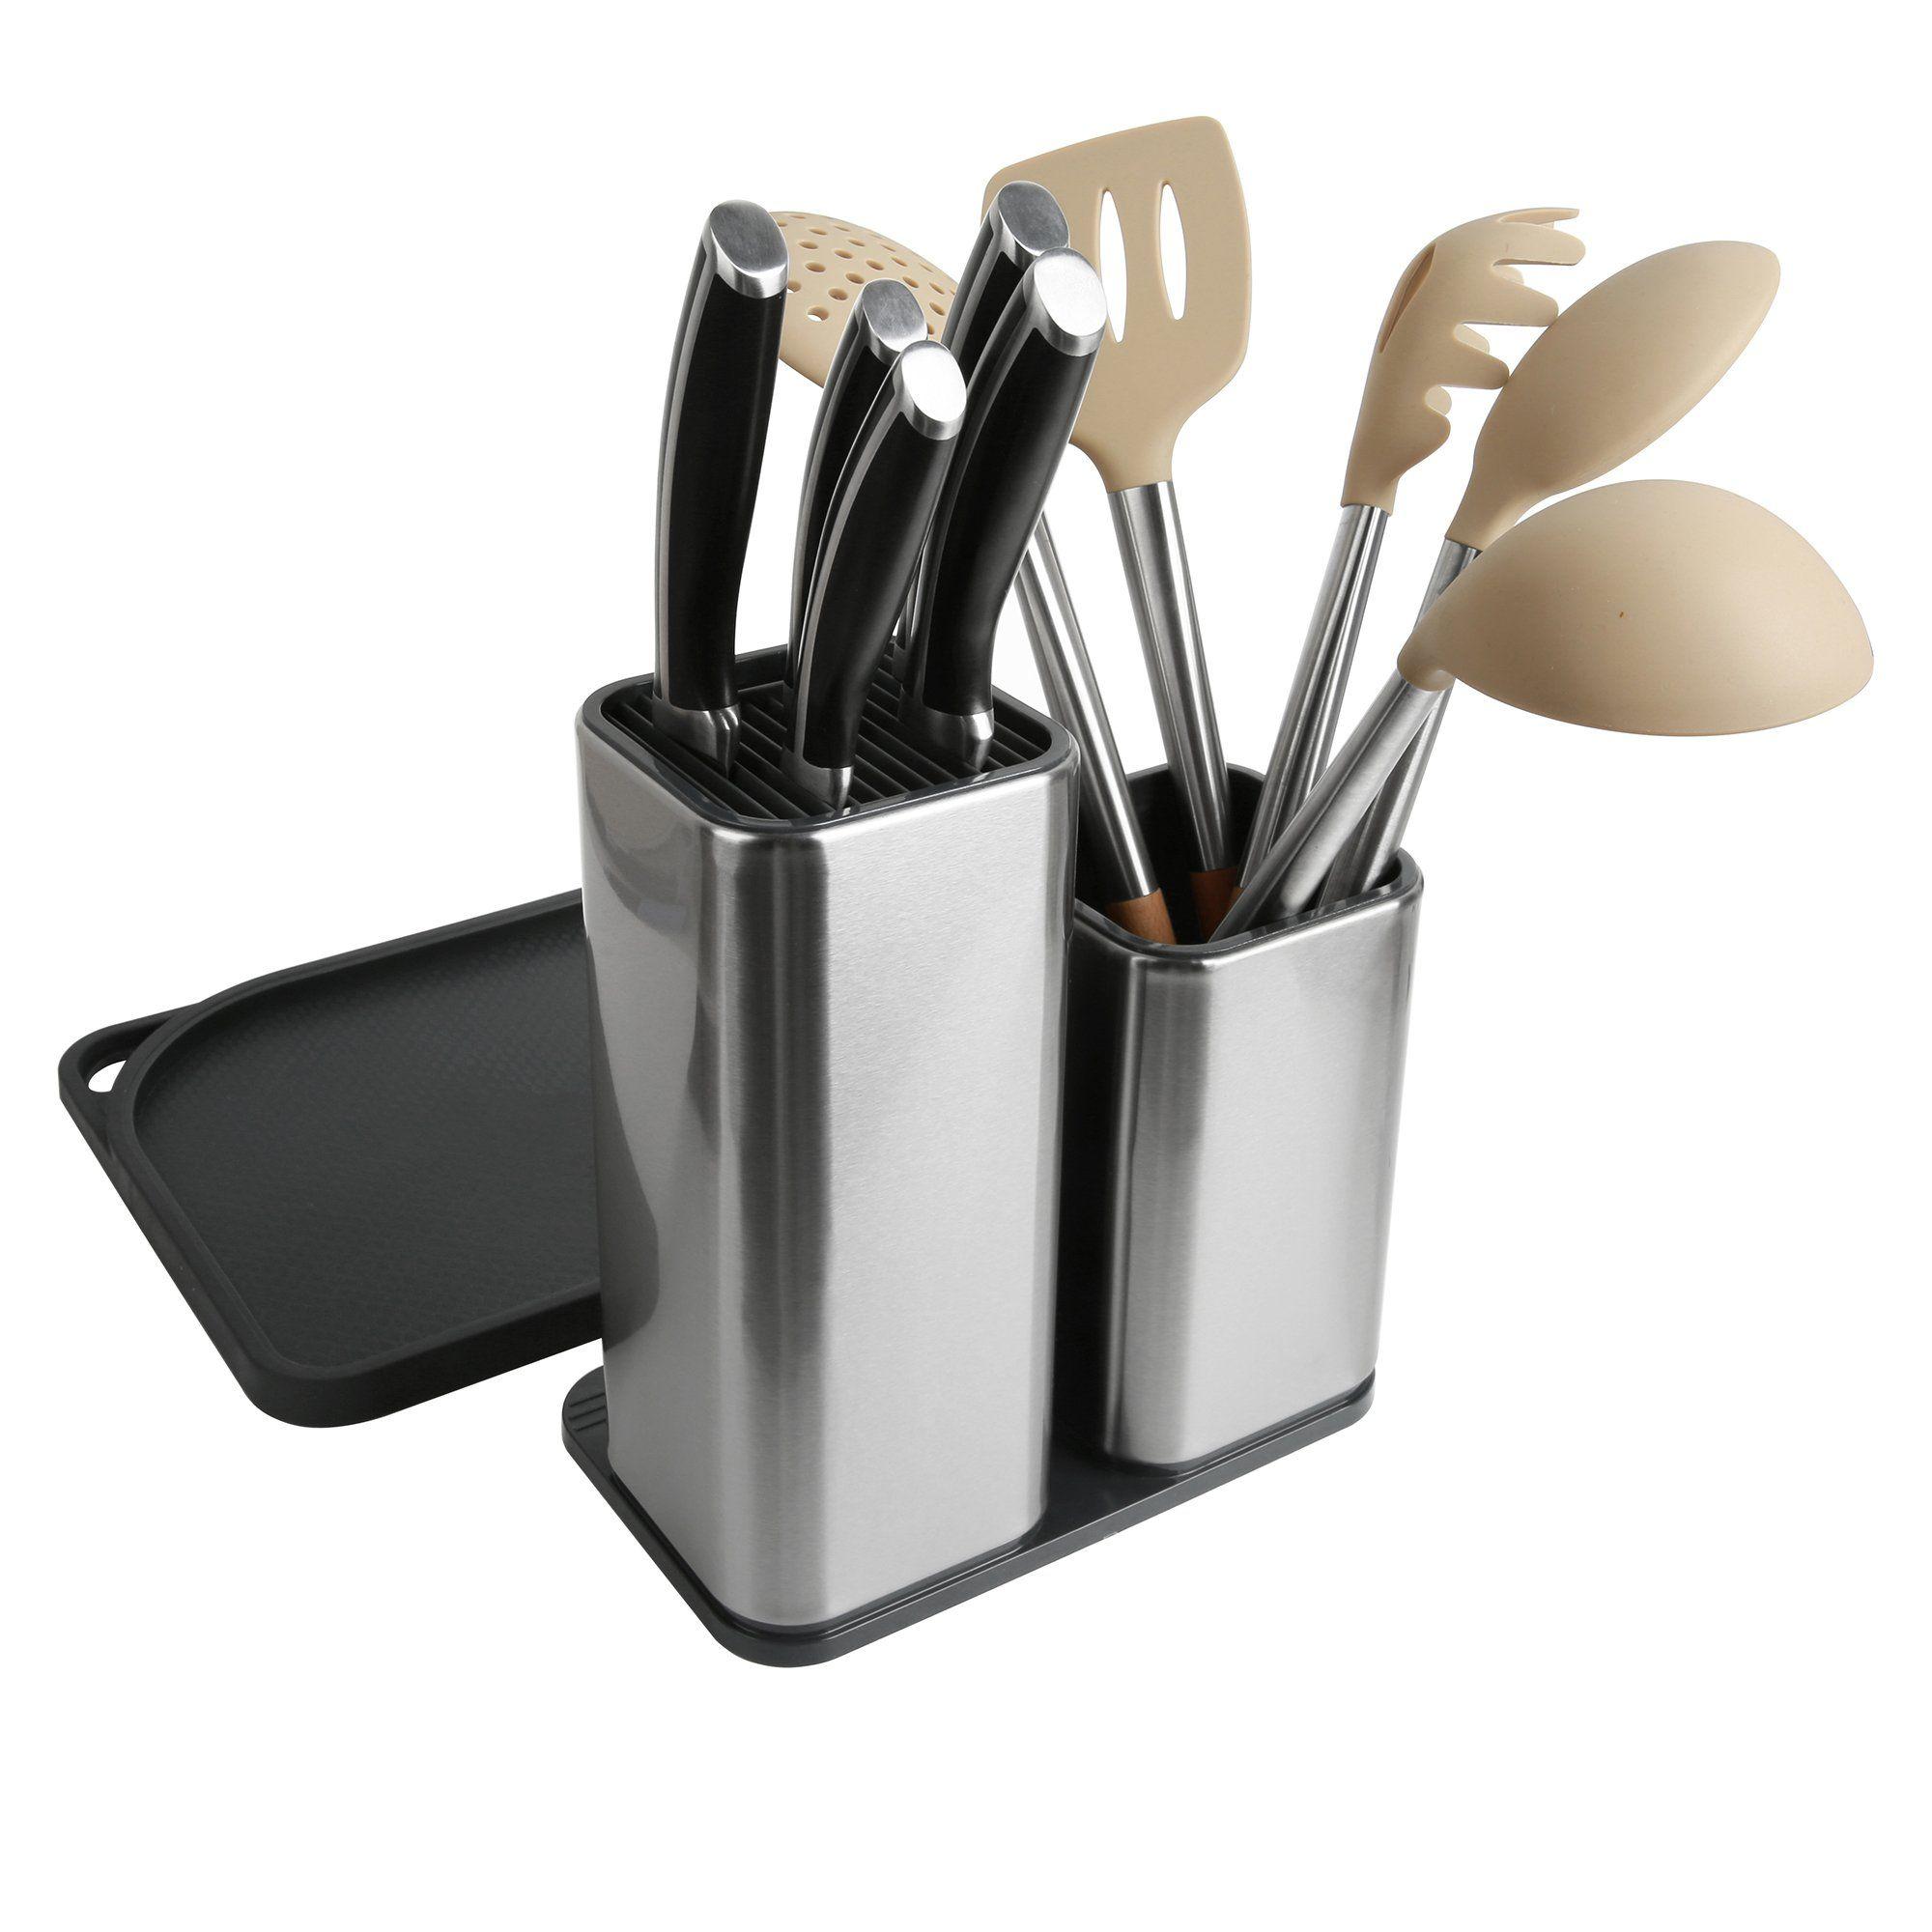 Elfrhino Utensil Holder Stainless Steel Kitchen Tool Knives Holder